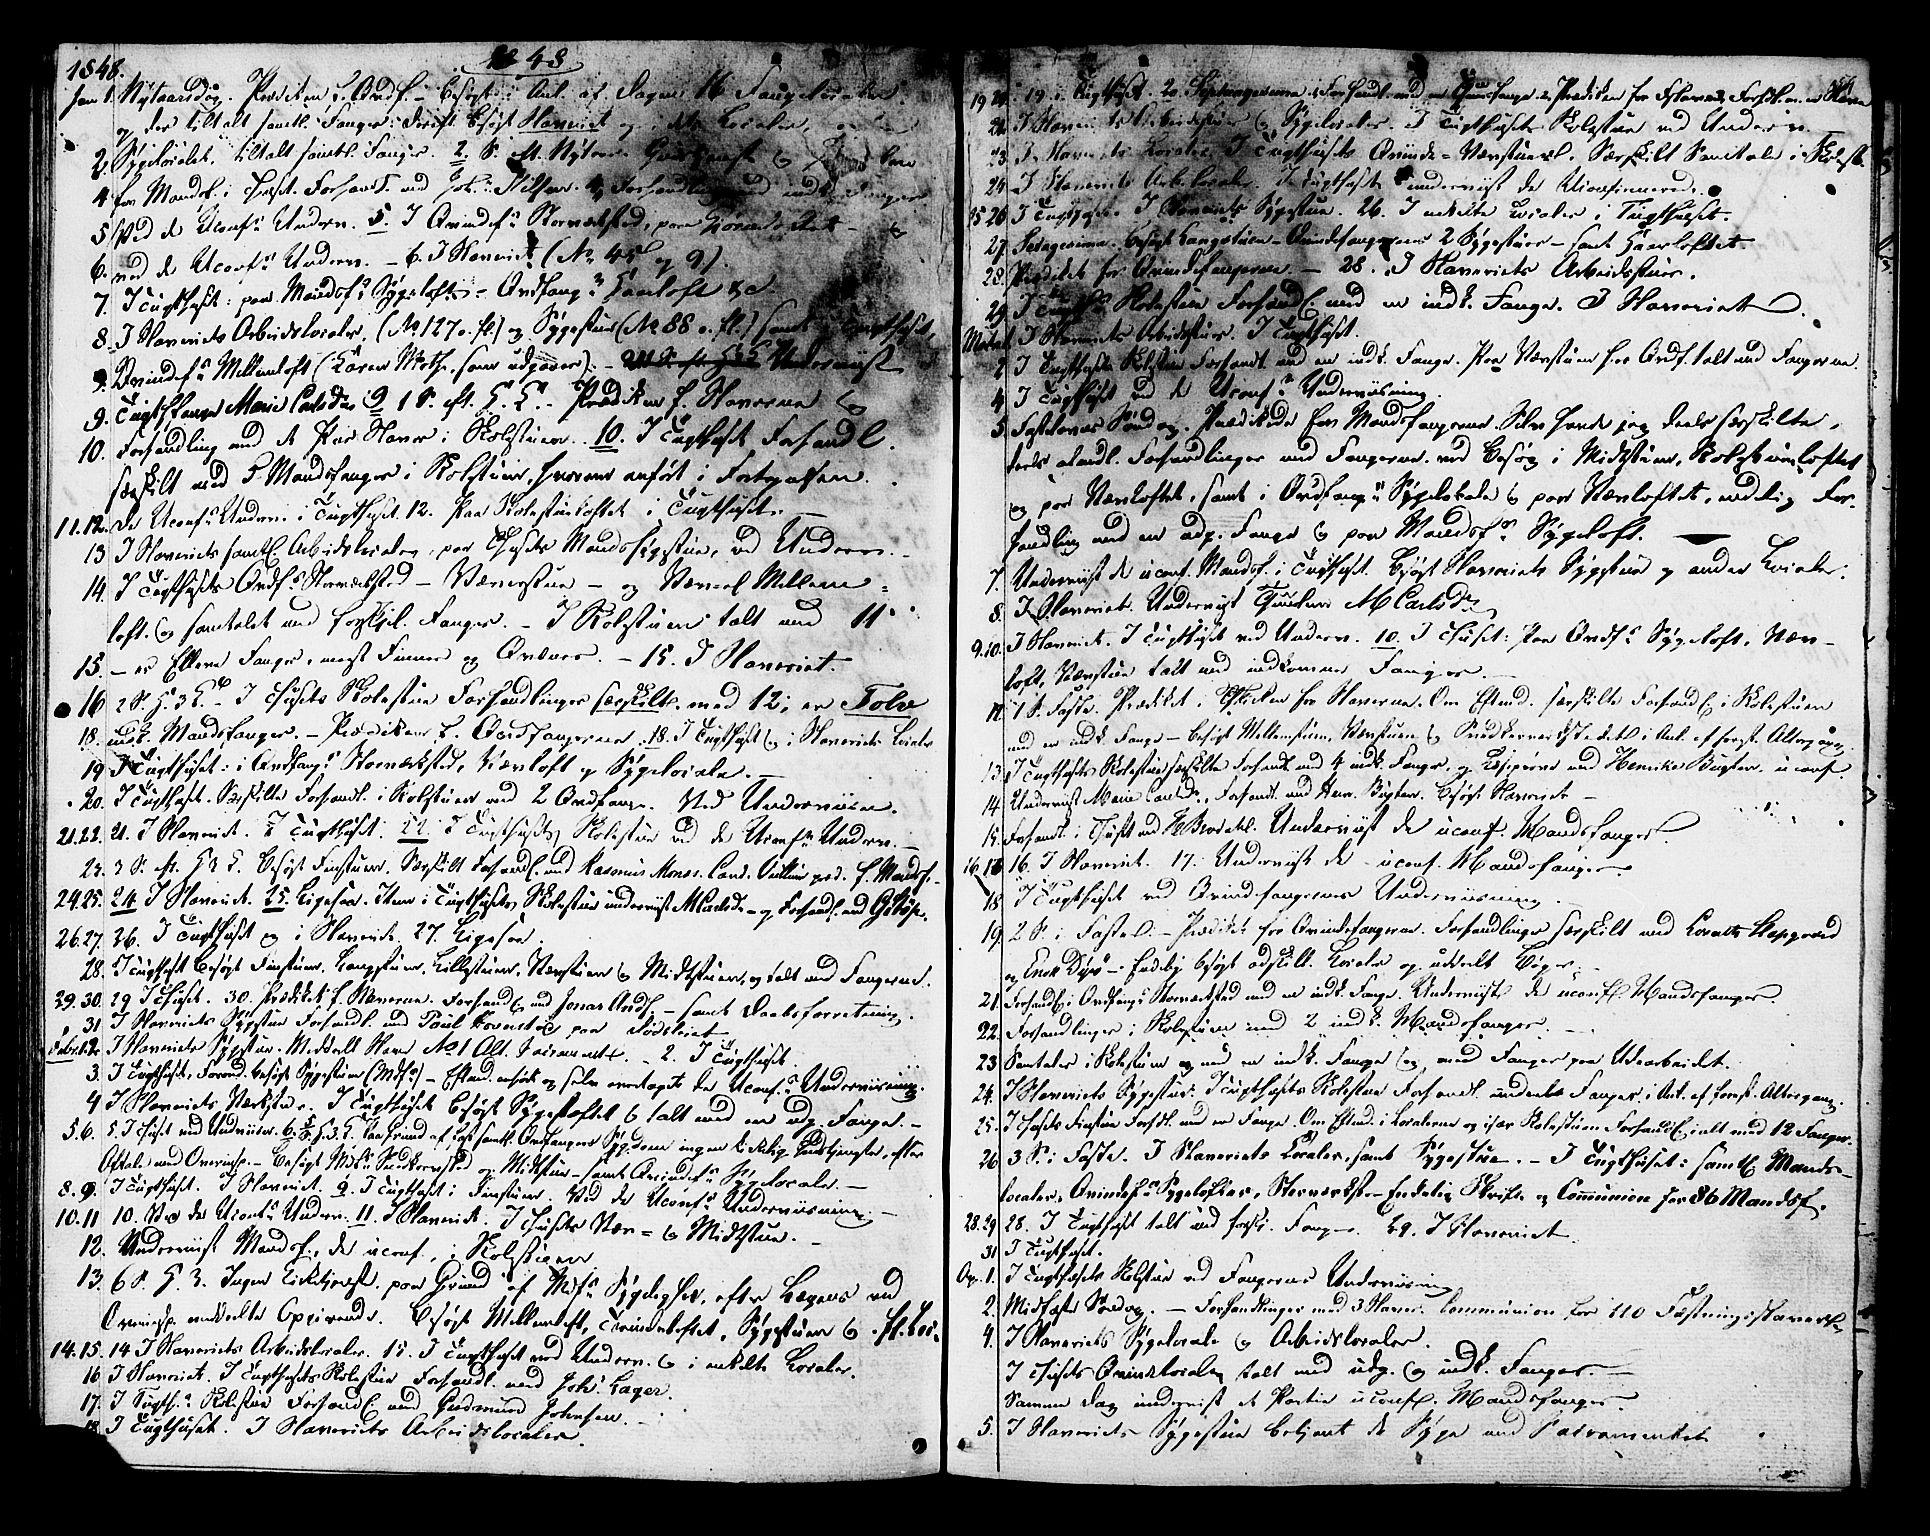 SAT, Ministerialprotokoller, klokkerbøker og fødselsregistre - Sør-Trøndelag, 624/L0480: Ministerialbok nr. 624A01, 1841-1864, s. 59